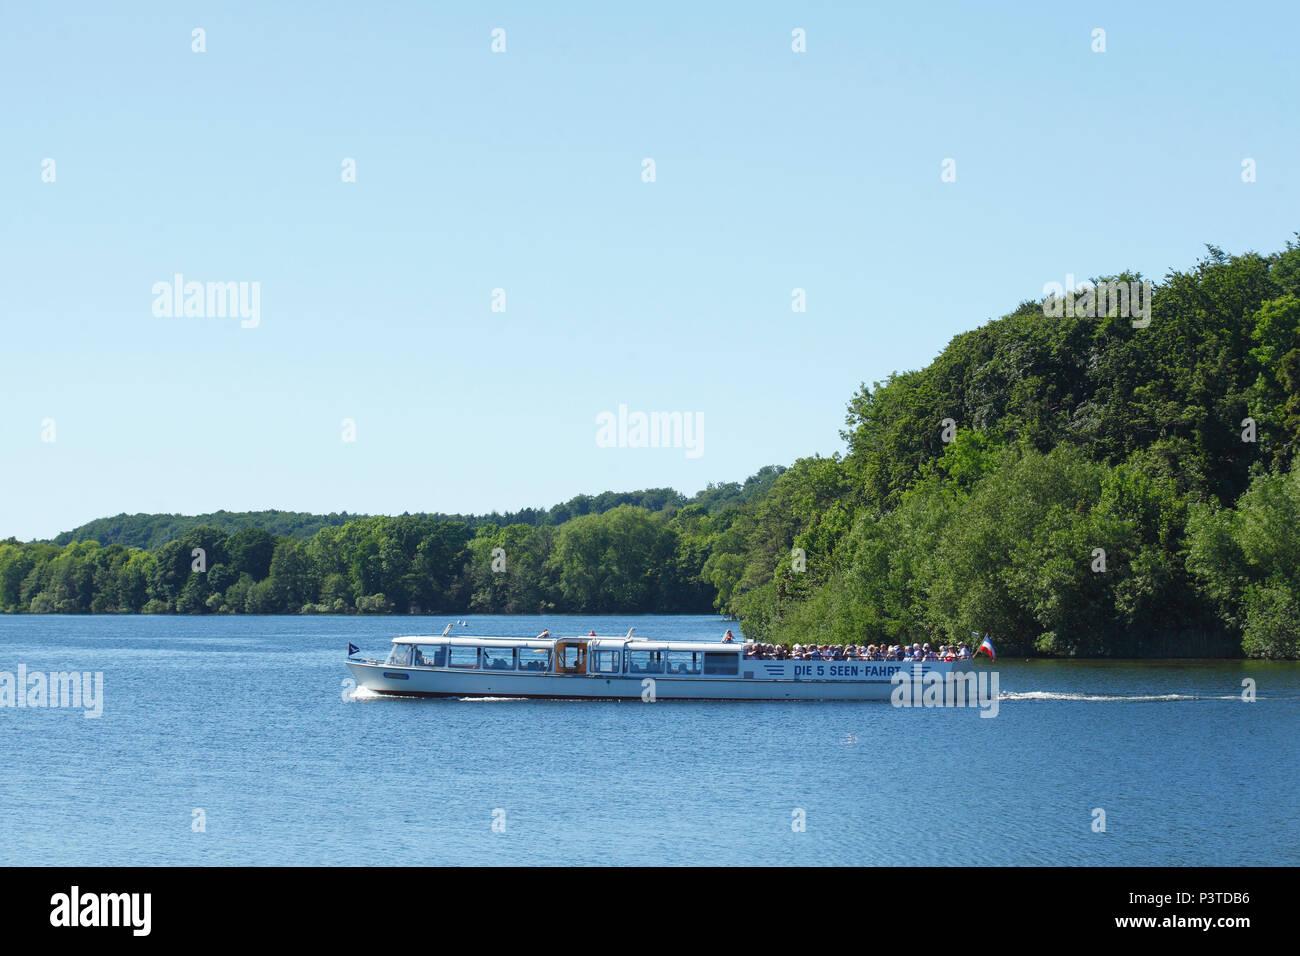 Ausflugsschiff, 5 Seen Tour, Dieksee, Bad Malente-Gremsmühlen, Malente, Schleswig-Holstein, Deutschland, Europa ich Ausflugsschiff, 5 Seen-Rundfahrt, Sterben Stockfoto